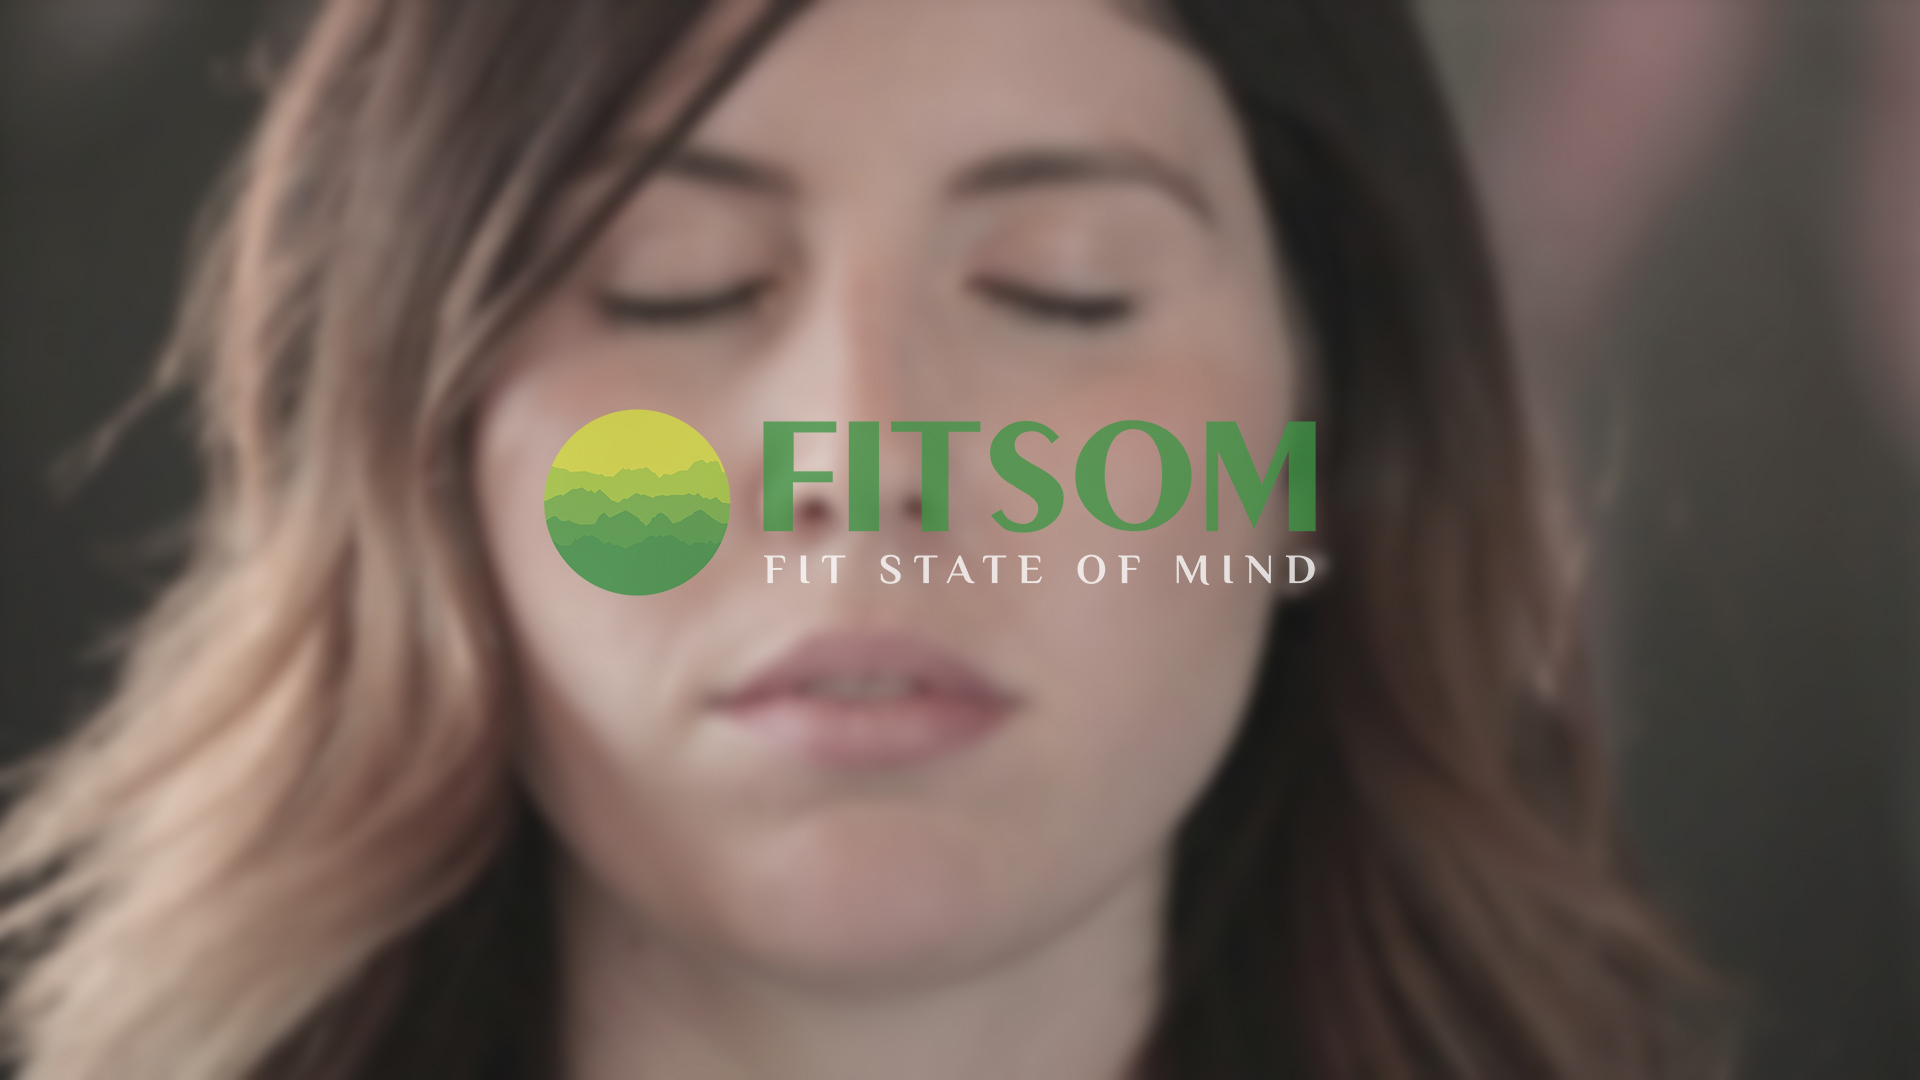 Fitsom_2017_TitleFrame2